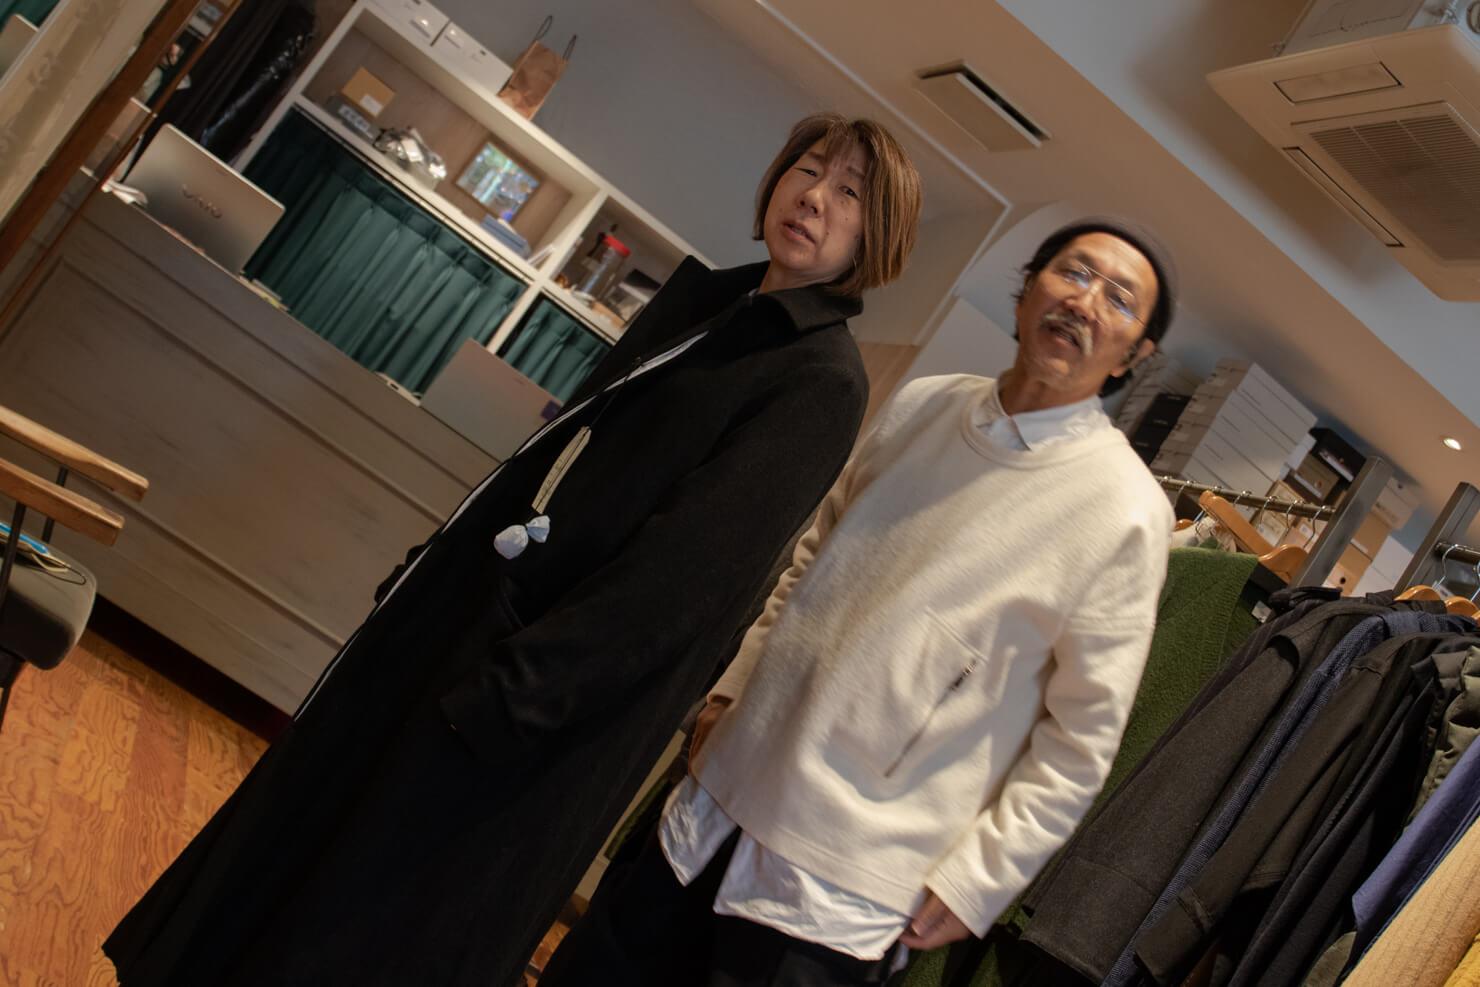 バーグファベルのコートを着て浅田さんと並んでいるガッツの写真